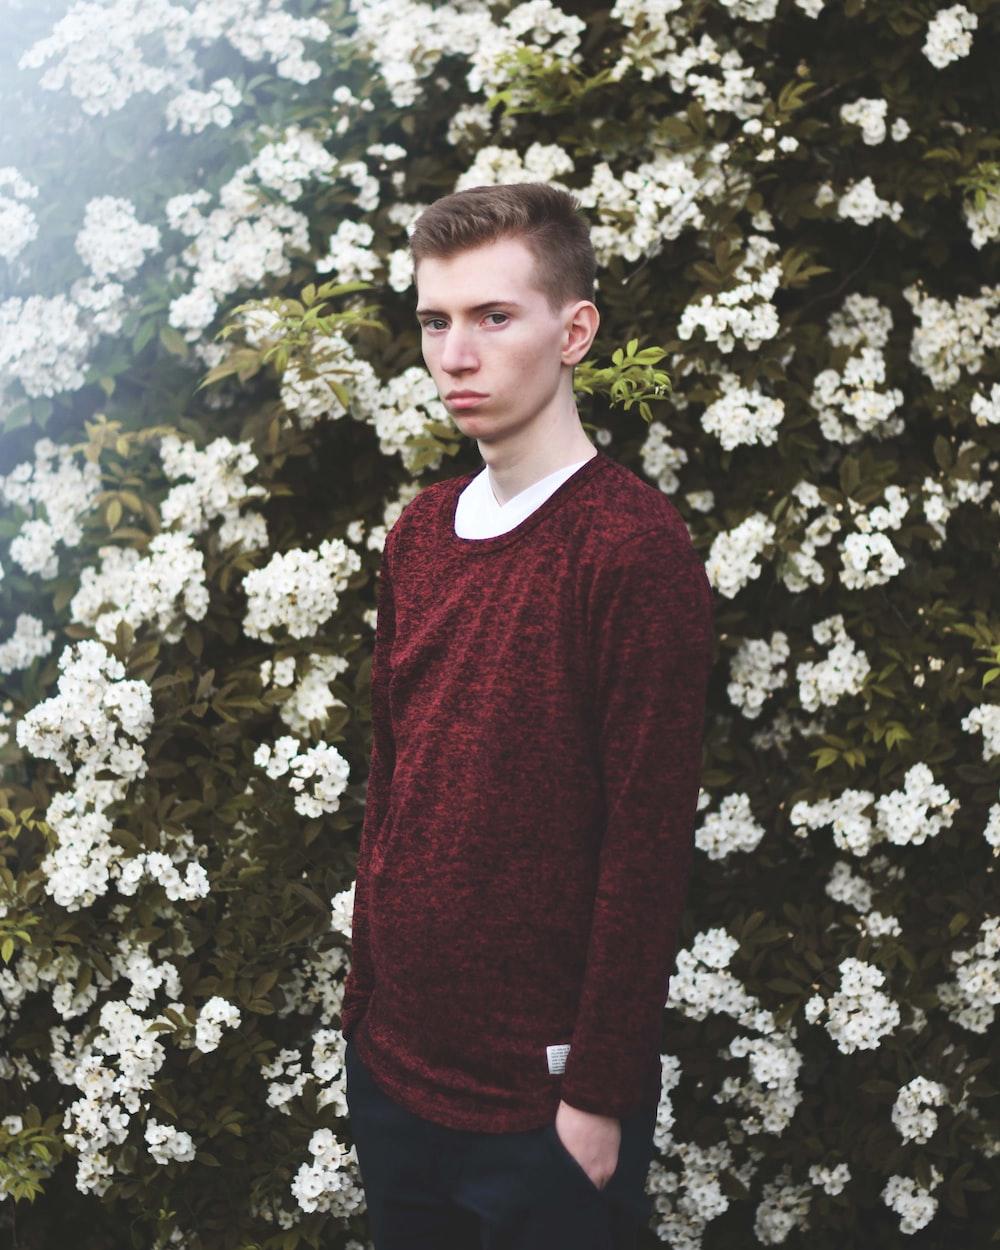 man standing against white petaled flower bed